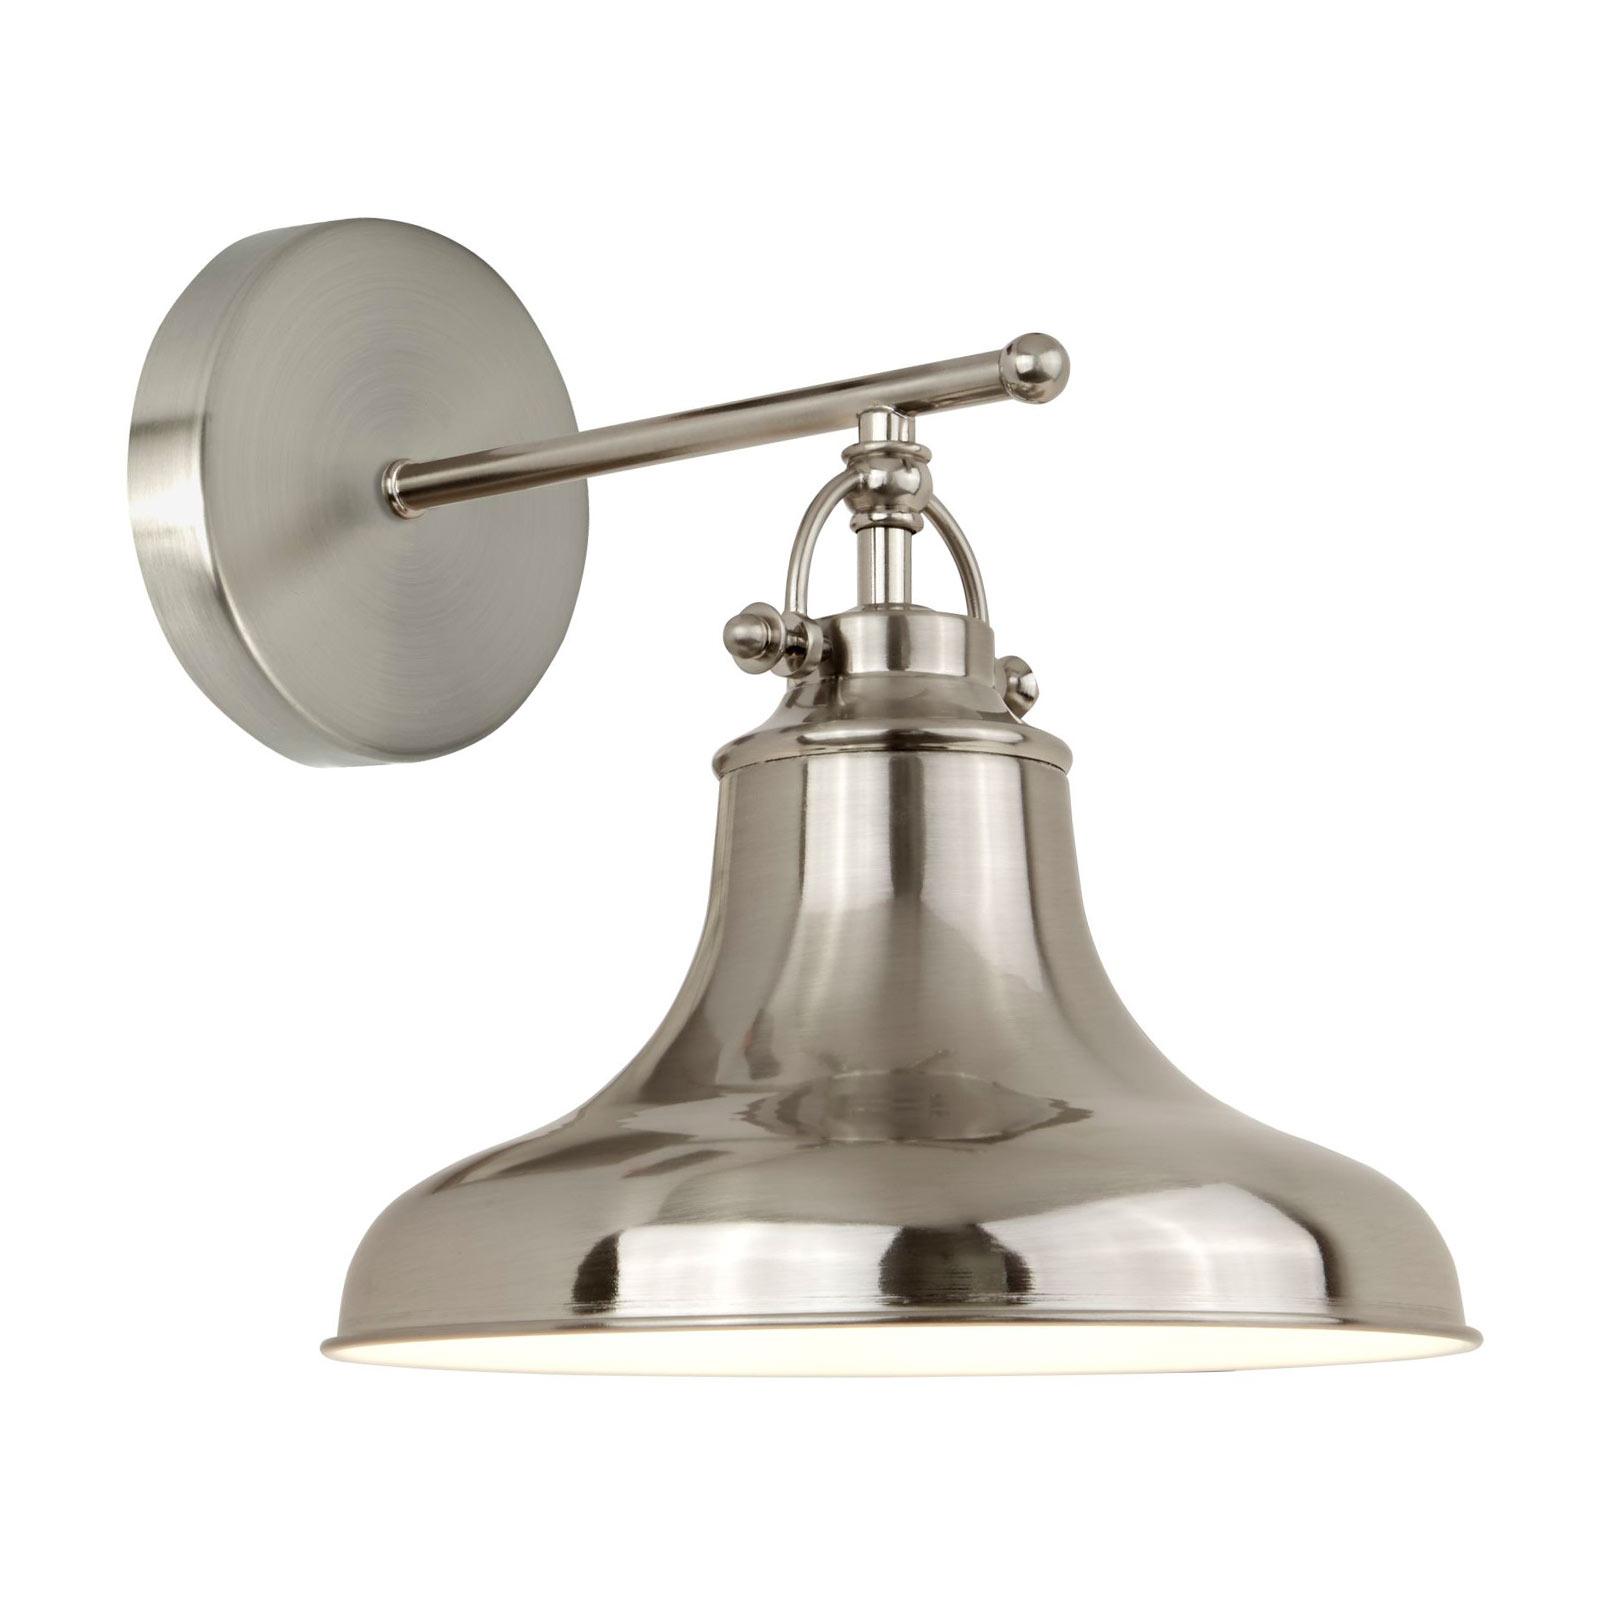 Lampa ścienna Dallas w stylu industrialnym srebrna